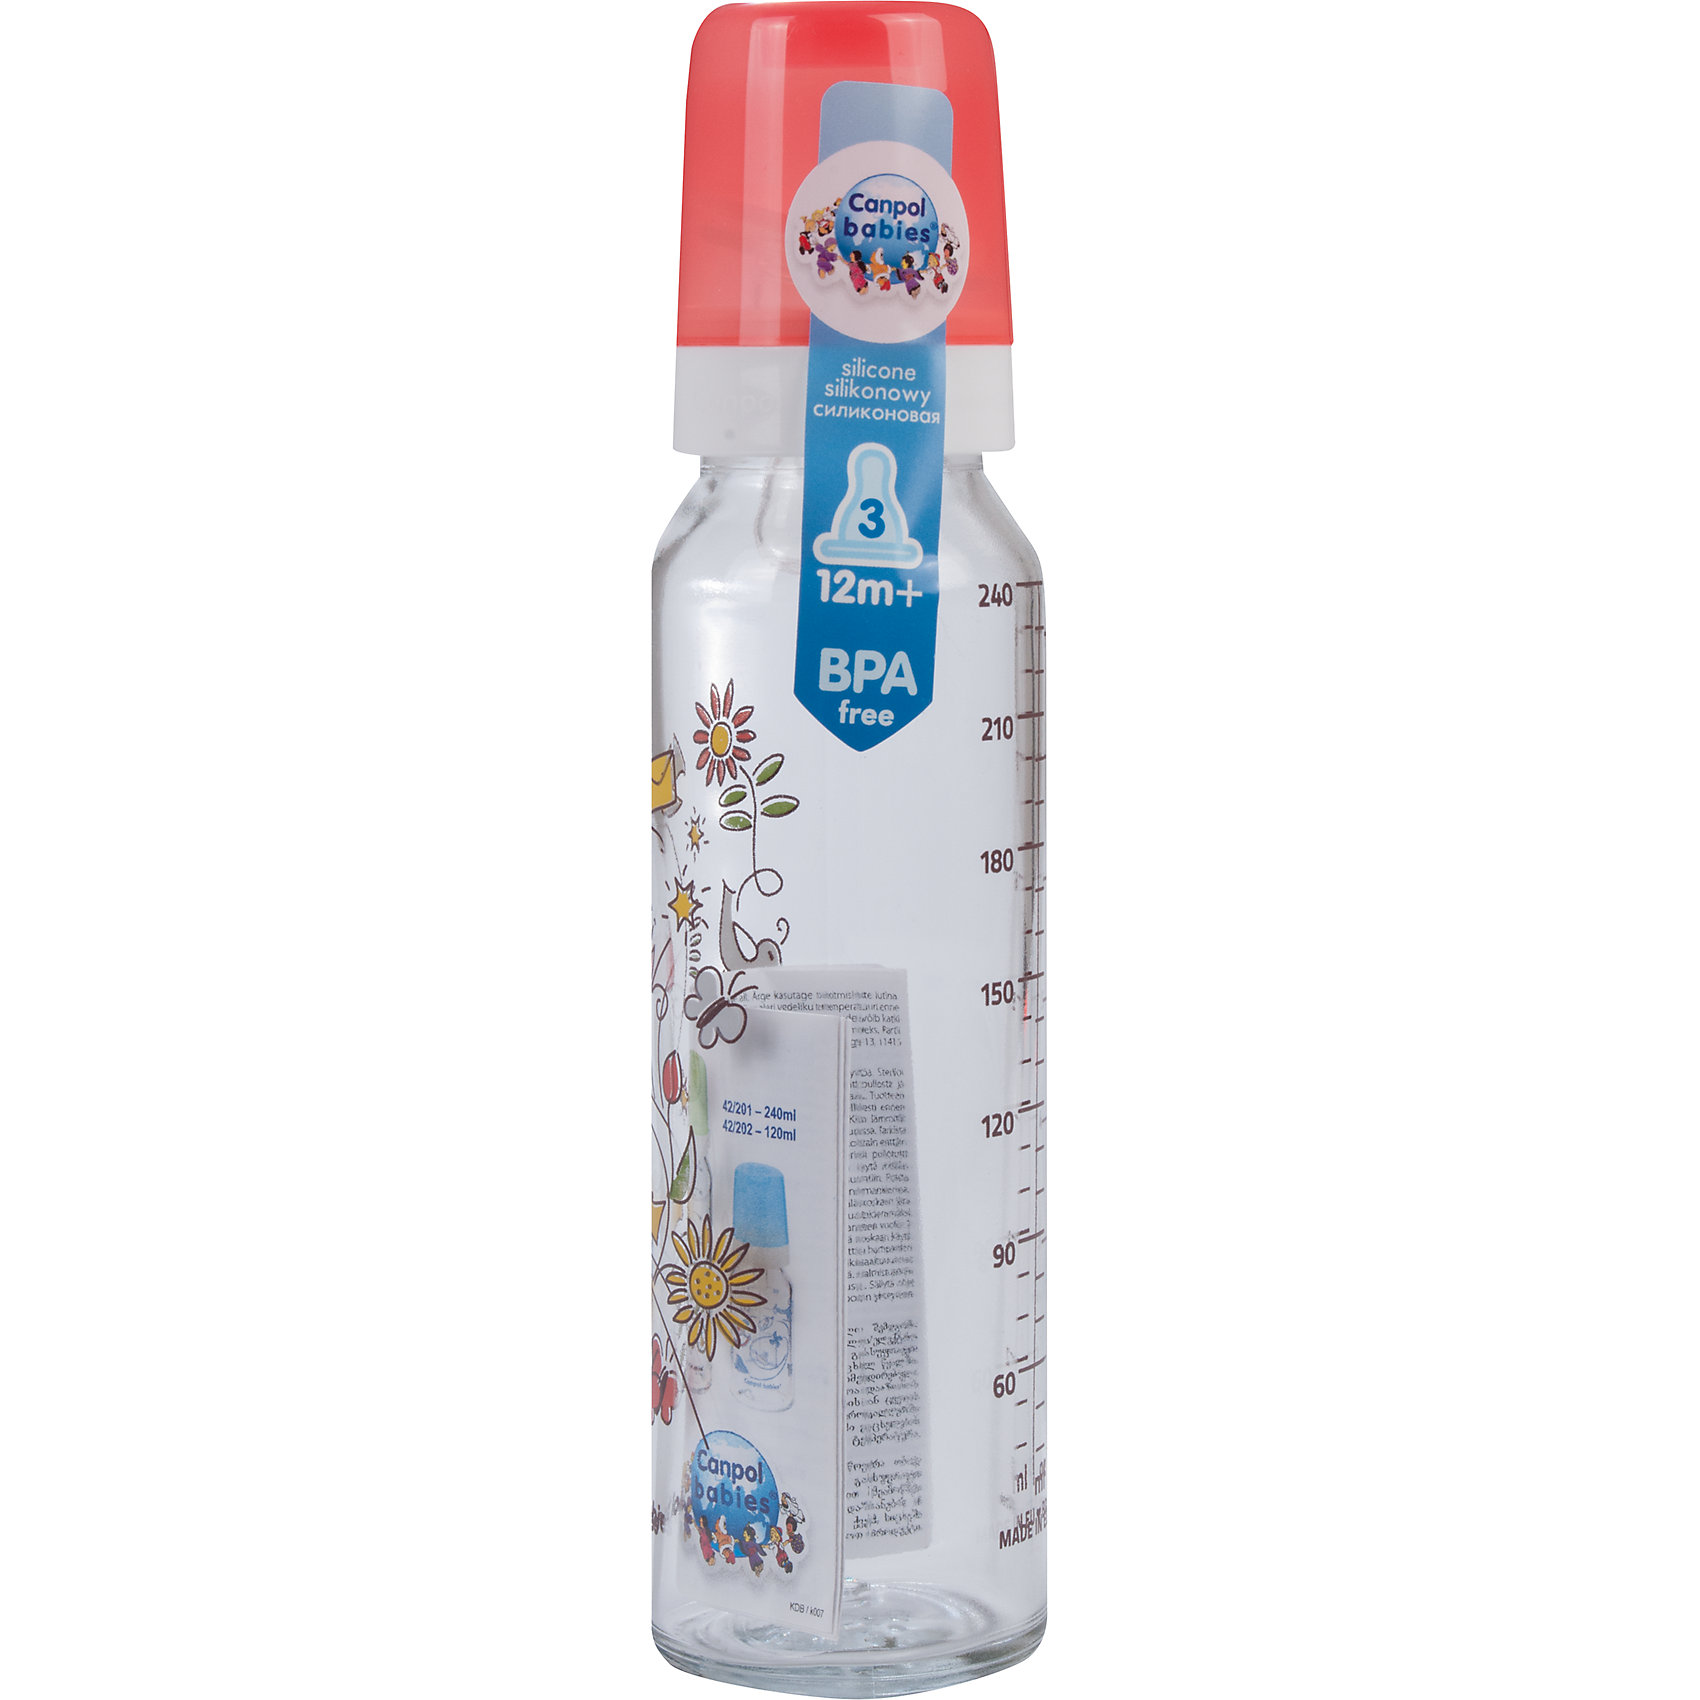 Бутылочка стеклянная с сил. соской, 240 мл. 12+, Canpol Babies, красный210 - 281 мл.<br>Бутылочка стеклянная с сил. соской, 240 мл. 12+, Canpol Babies, (Канпол Бейбис), красный.<br><br>Характеристики: <br><br>• Объем бутылочки: 240мл.<br>• Материал бутылочки: закаленное стекло.<br>• Материал соски: силикон.<br>• Цвет : красный. <br>• Антиколиковая. <br><br>Бутылочка стеклянная с сил. соской, 240 мл. 12+, Canpol Babies, (Канпол Бейбис) имеет классическую форму и снабжена антиколиковой силиконовой соской. Удобна в использовании дома и в дороге. Бутылочка выполнена из безопасного качественного материала - закаленного стекла, которое хорошо держит тепло, снабжена антиколиковой силиконовой соской (быстрый поток) и защитным колпачком, имеет удобную мерную шкалу.  Такую бутылочку и все части можно кипятить в воде или стерилизовать с помощью специального прибора<br><br>Бутылочку стеклянная с сил. соской, 240 мл. 12+, Canpol Babies, (Канпол Бейбис), красный можно купить в нашем интернет- магазине.<br><br>Ширина мм: 54<br>Глубина мм: 54<br>Высота мм: 220<br>Вес г: 2160<br>Возраст от месяцев: 12<br>Возраст до месяцев: 36<br>Пол: Унисекс<br>Возраст: Детский<br>SKU: 5156787